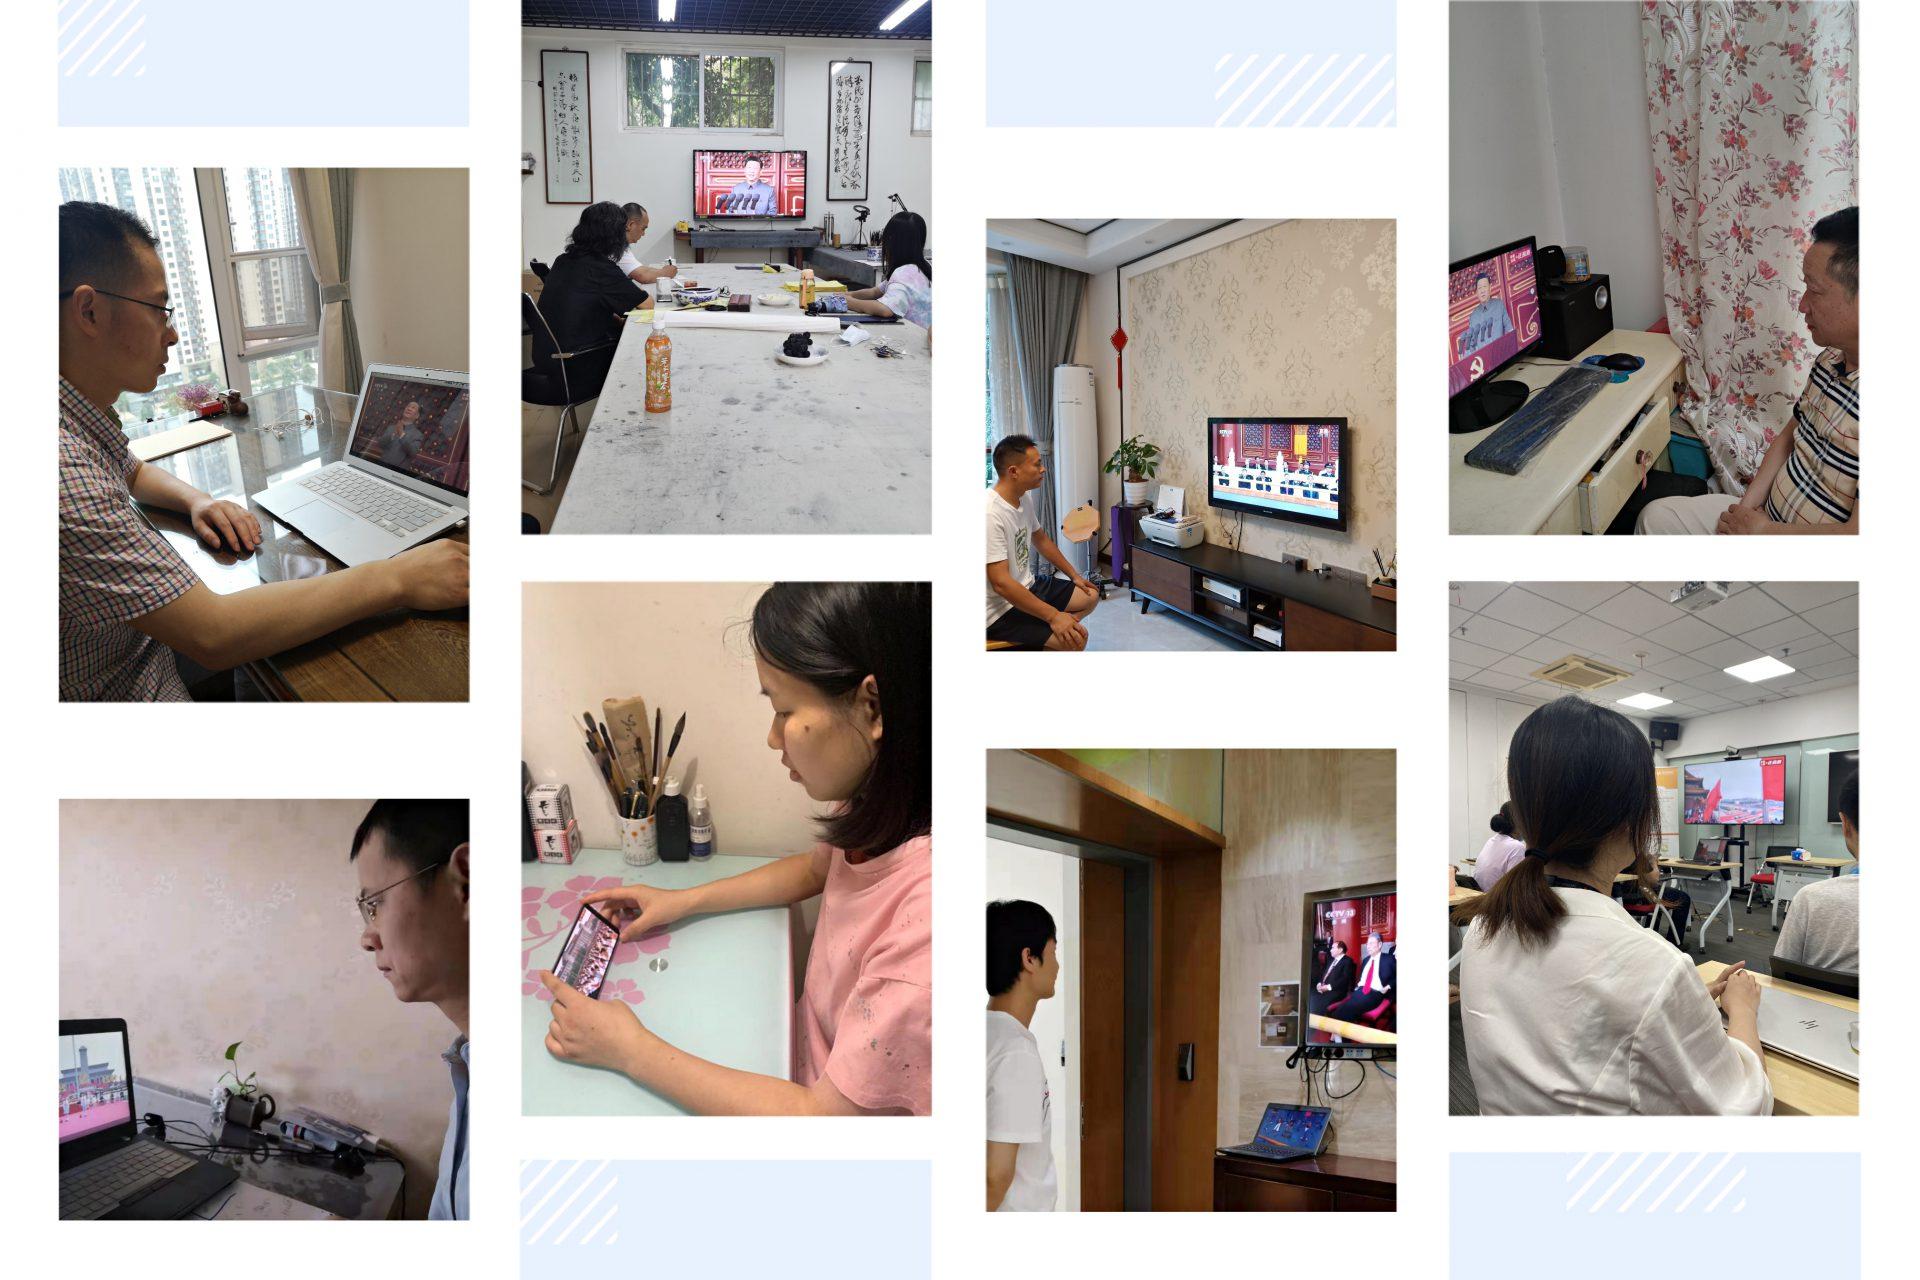 中共成都市书法家协会支部组织《庆祝中国共产党成立100周年系列活动》学习交流活动